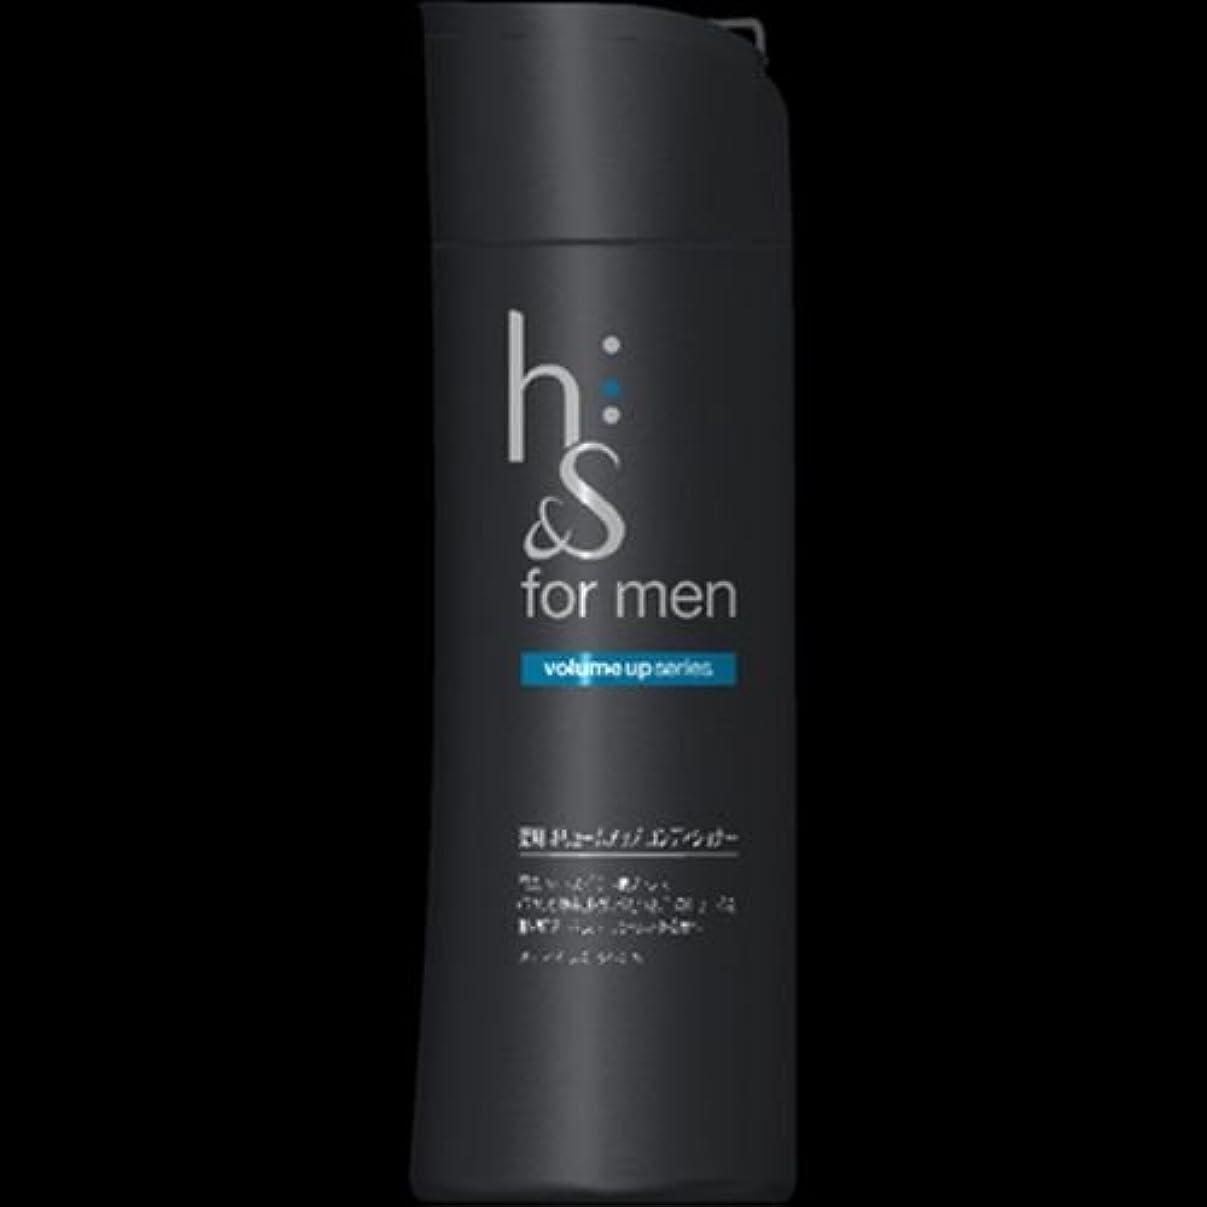 【まとめ買い】h&s for men ボリュームアップコンディショナー 200g ×2セット